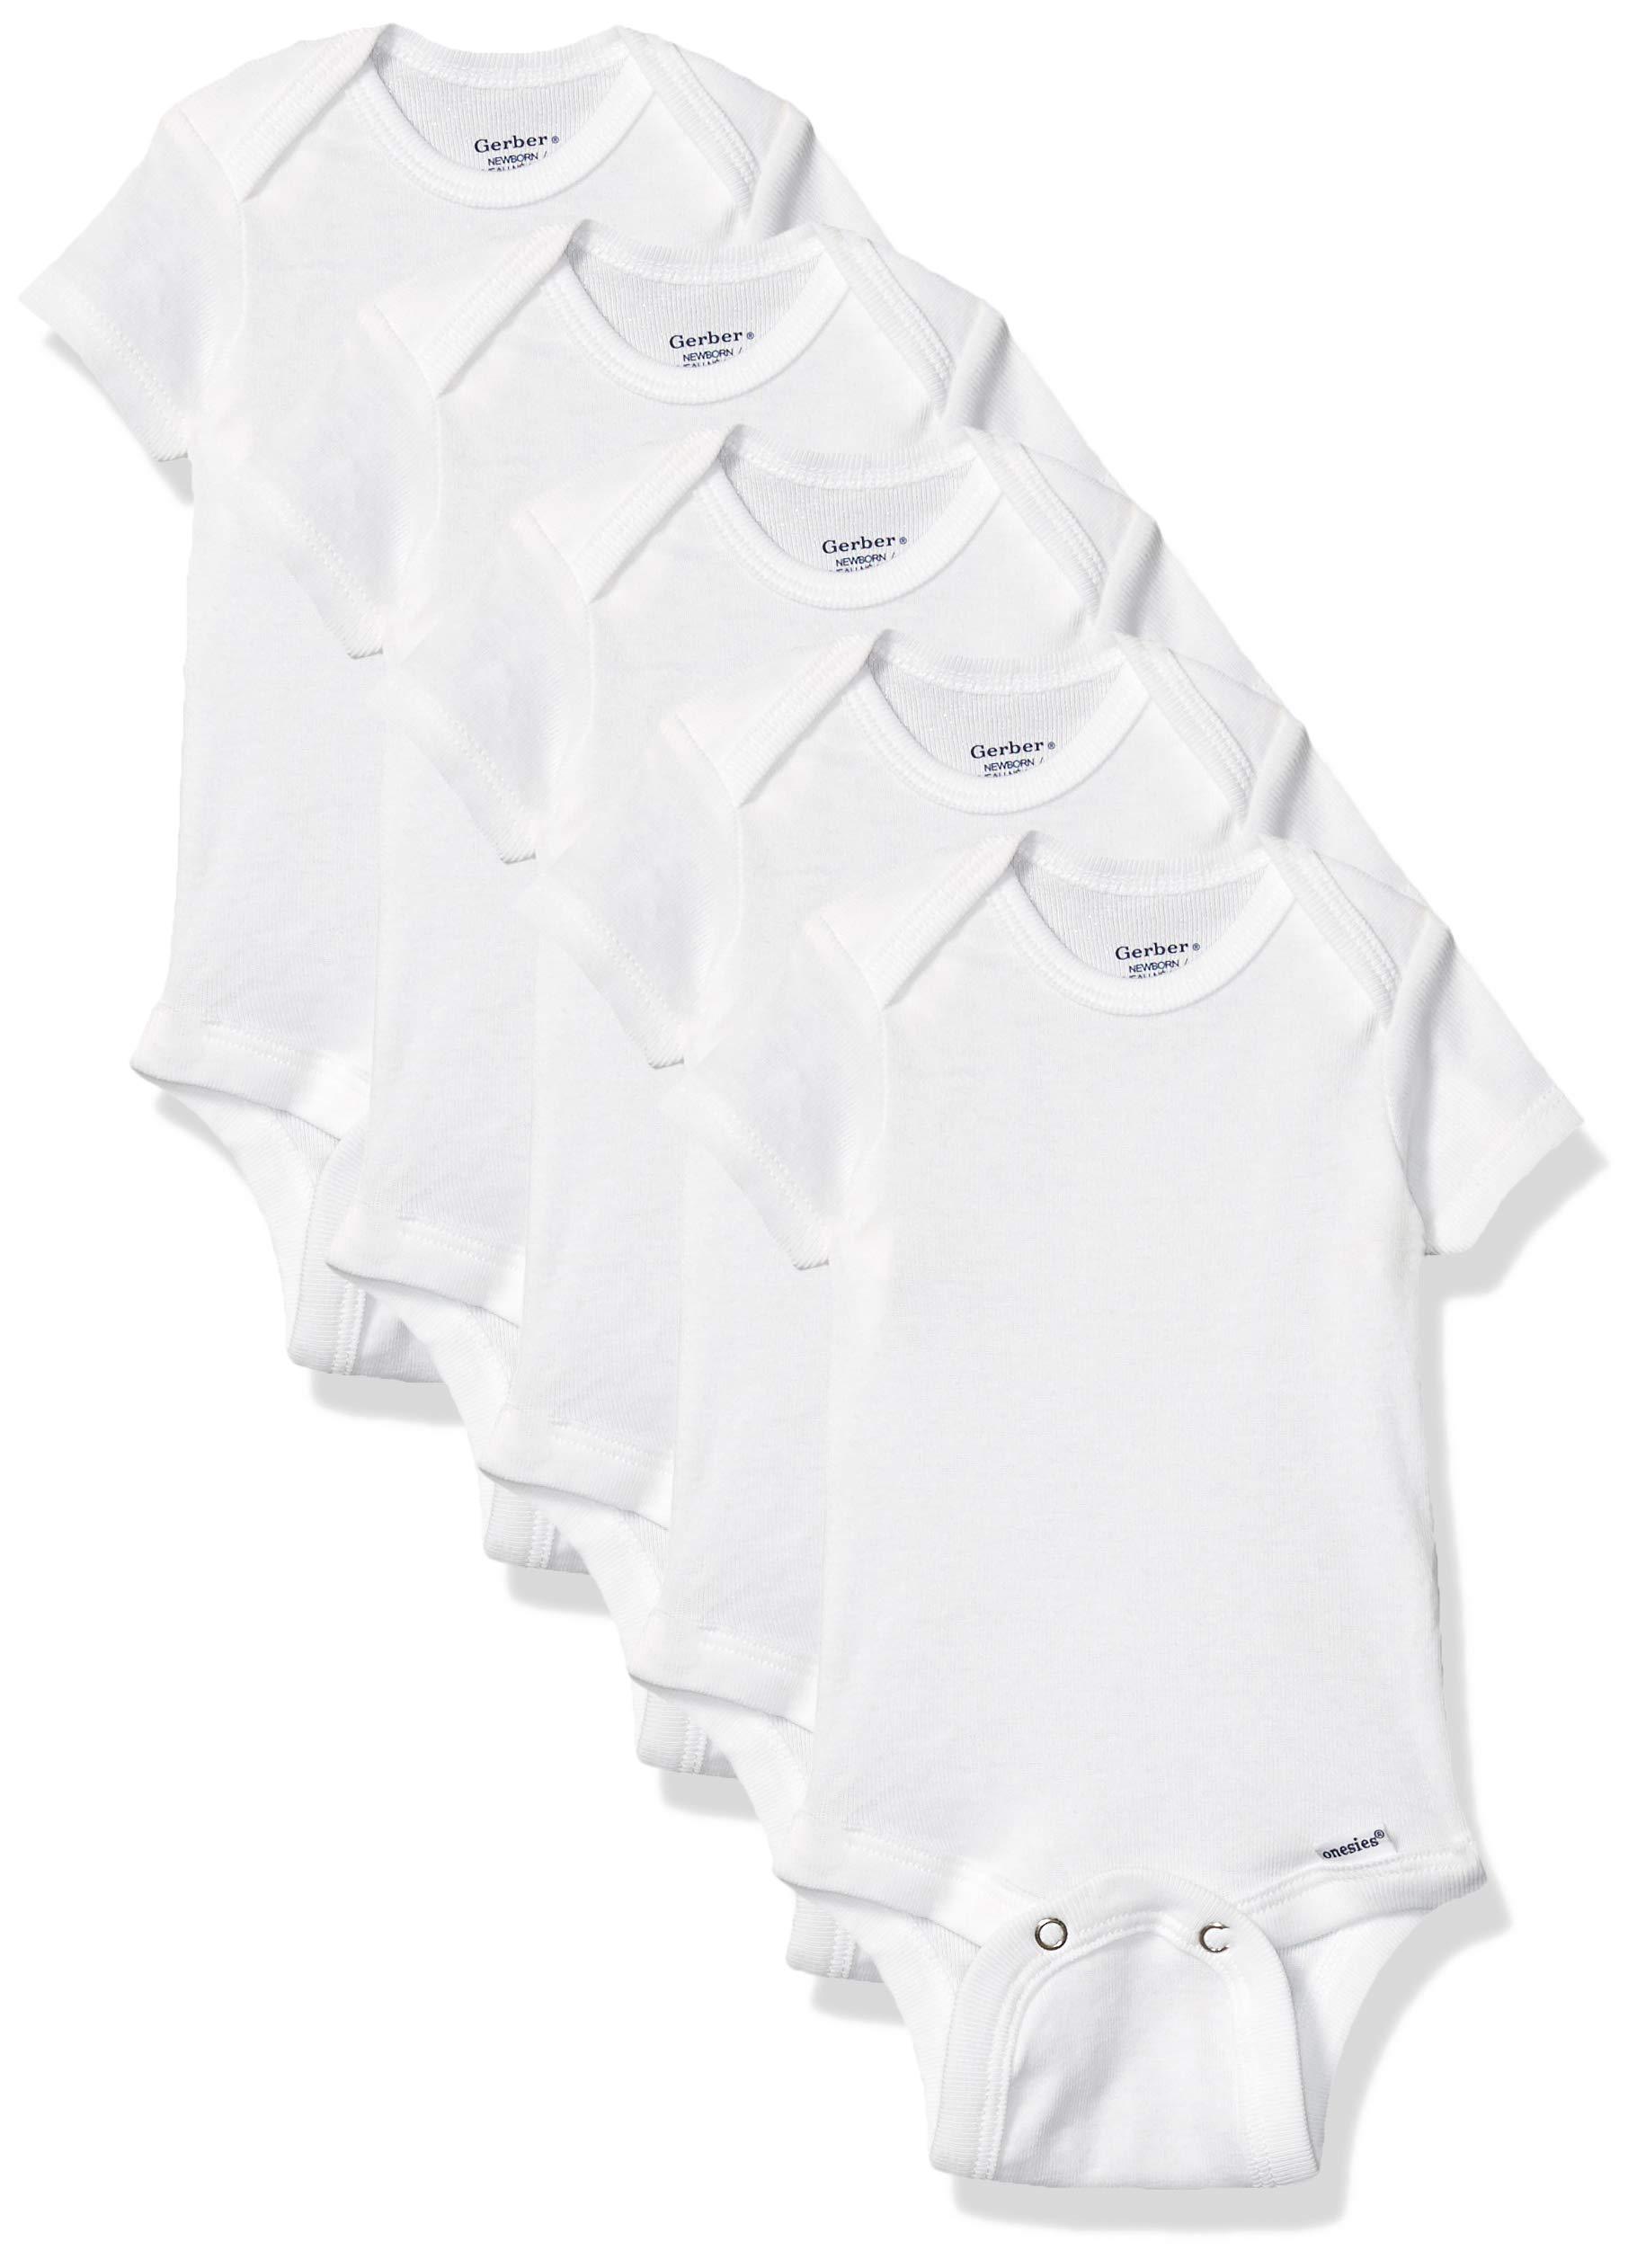 GERBER Baby 5-Pack Solid Onesies Bodysuits